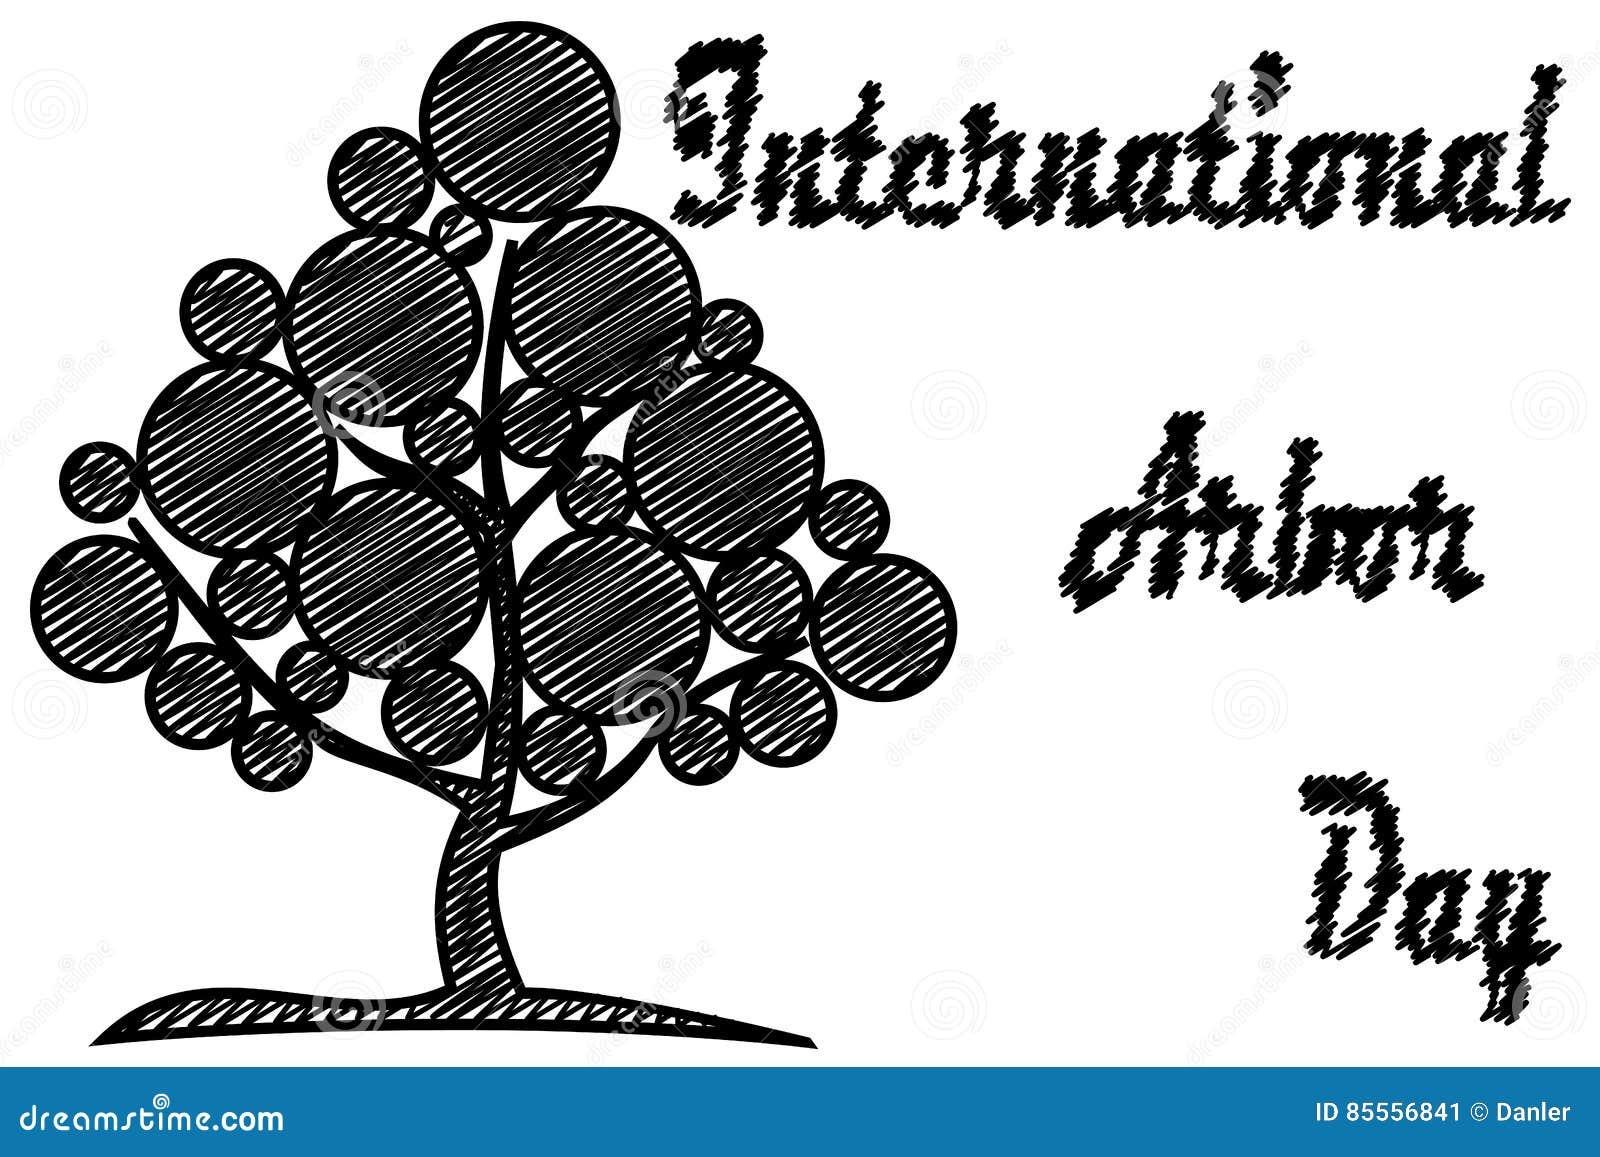 Internationaler Tag des Baums